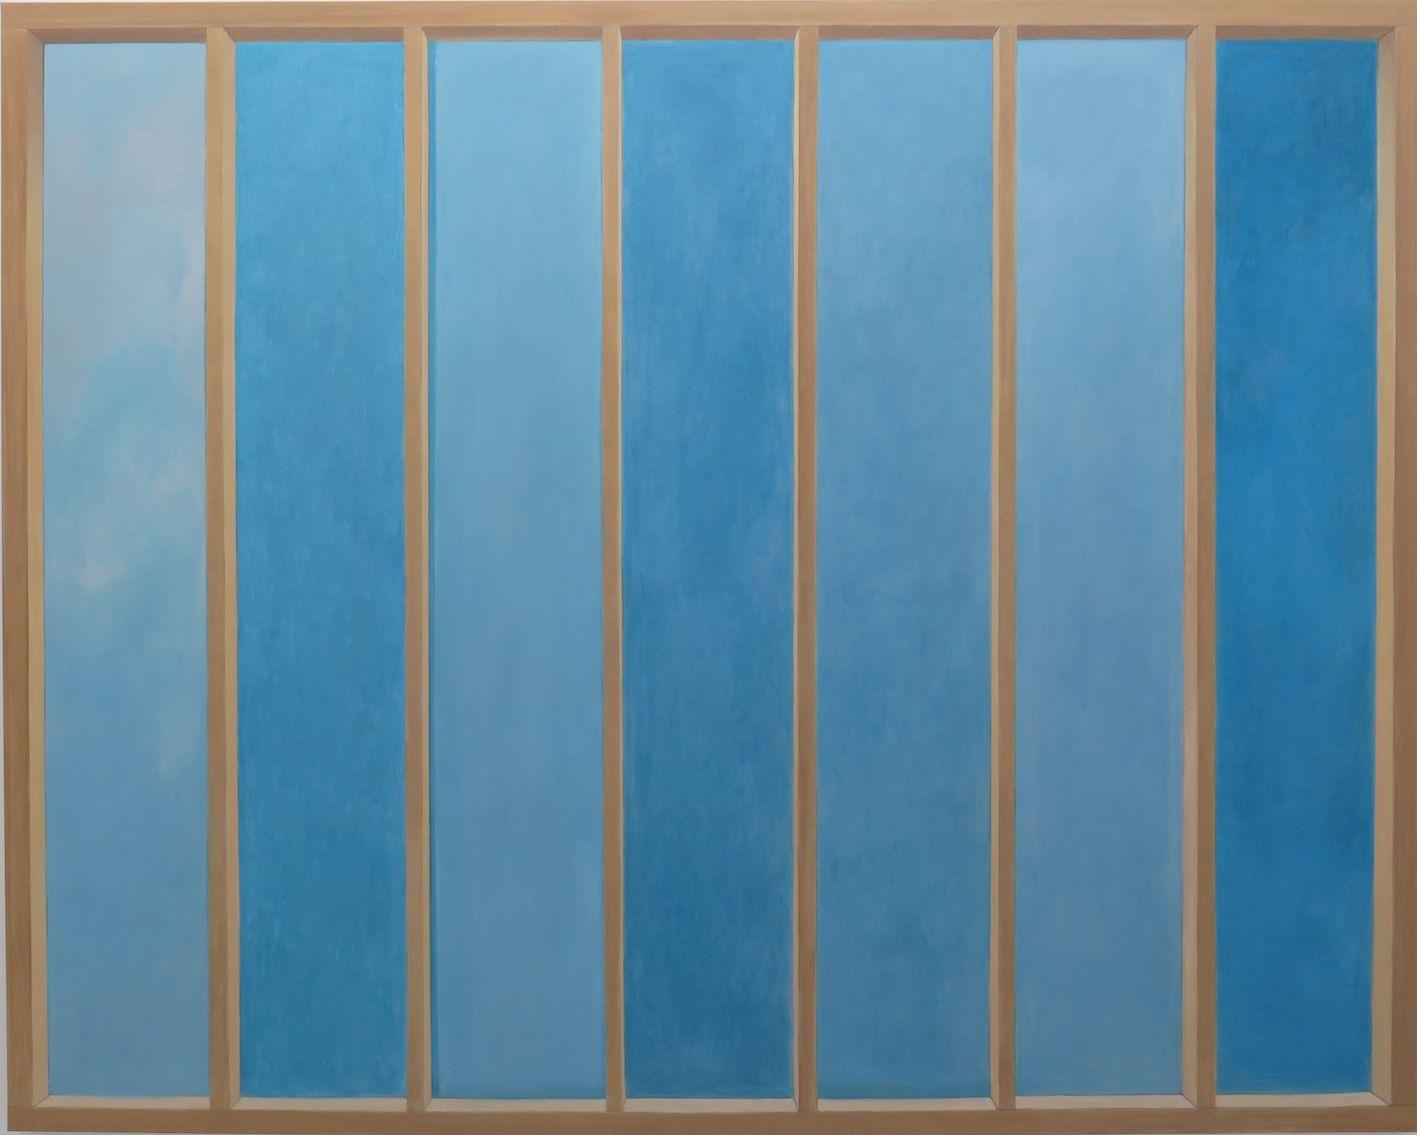 gilles-elie-grande-verriere-acrylique-sur-toile-de-lin-200x250-cm-971d7823f2e64c1ade6ce07a4f5506e2